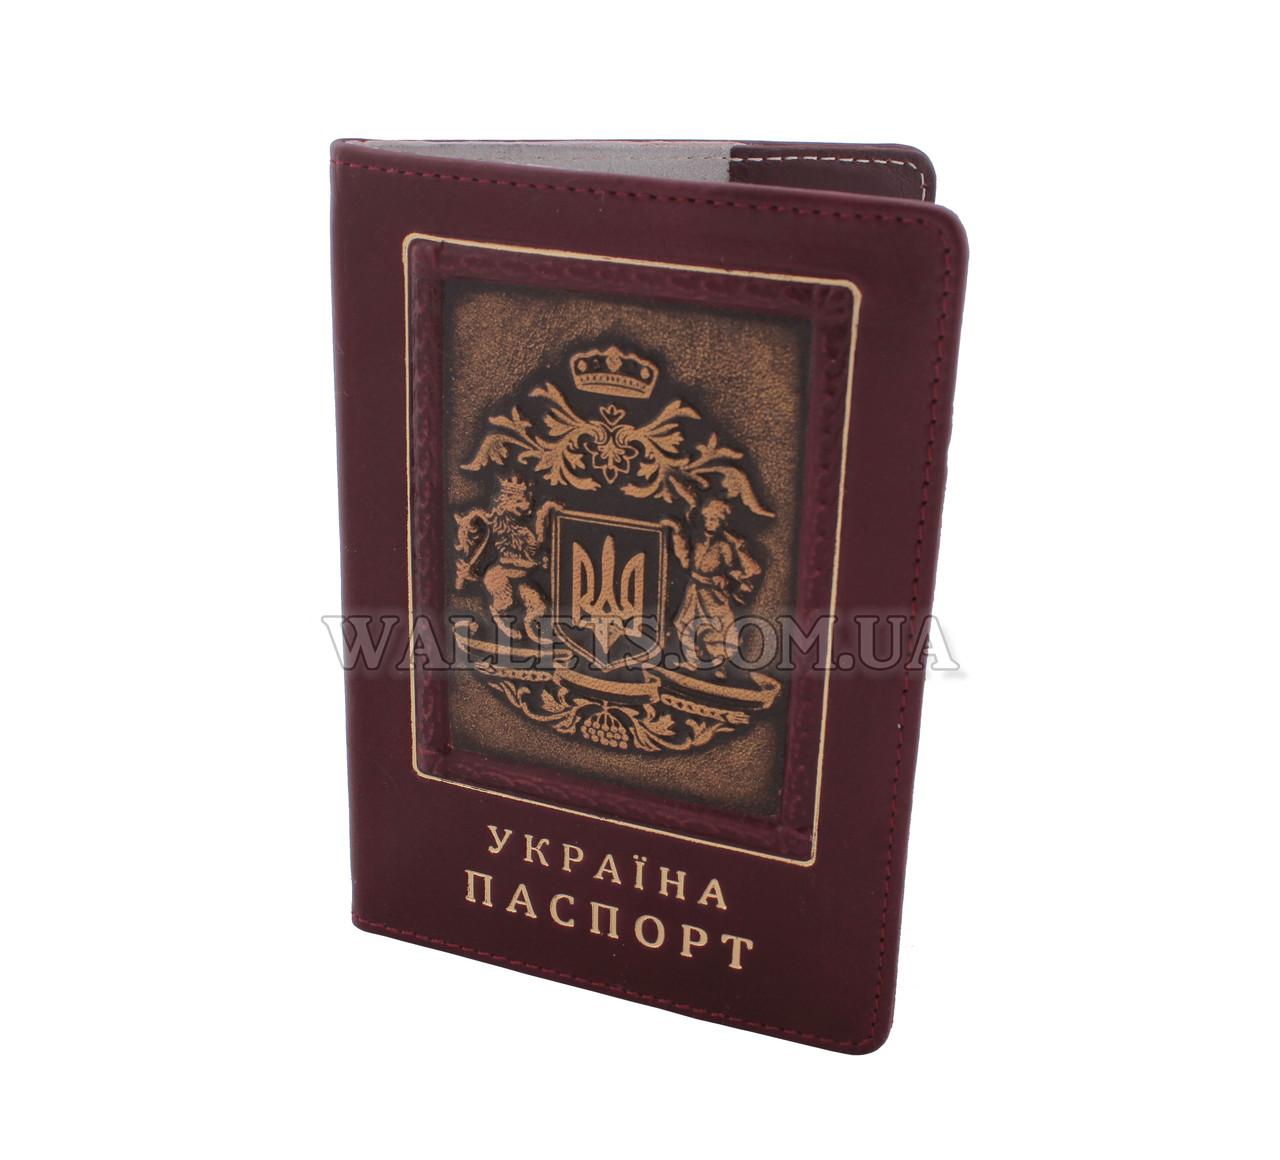 Кожаная обложка для паспорта ST, бордовая